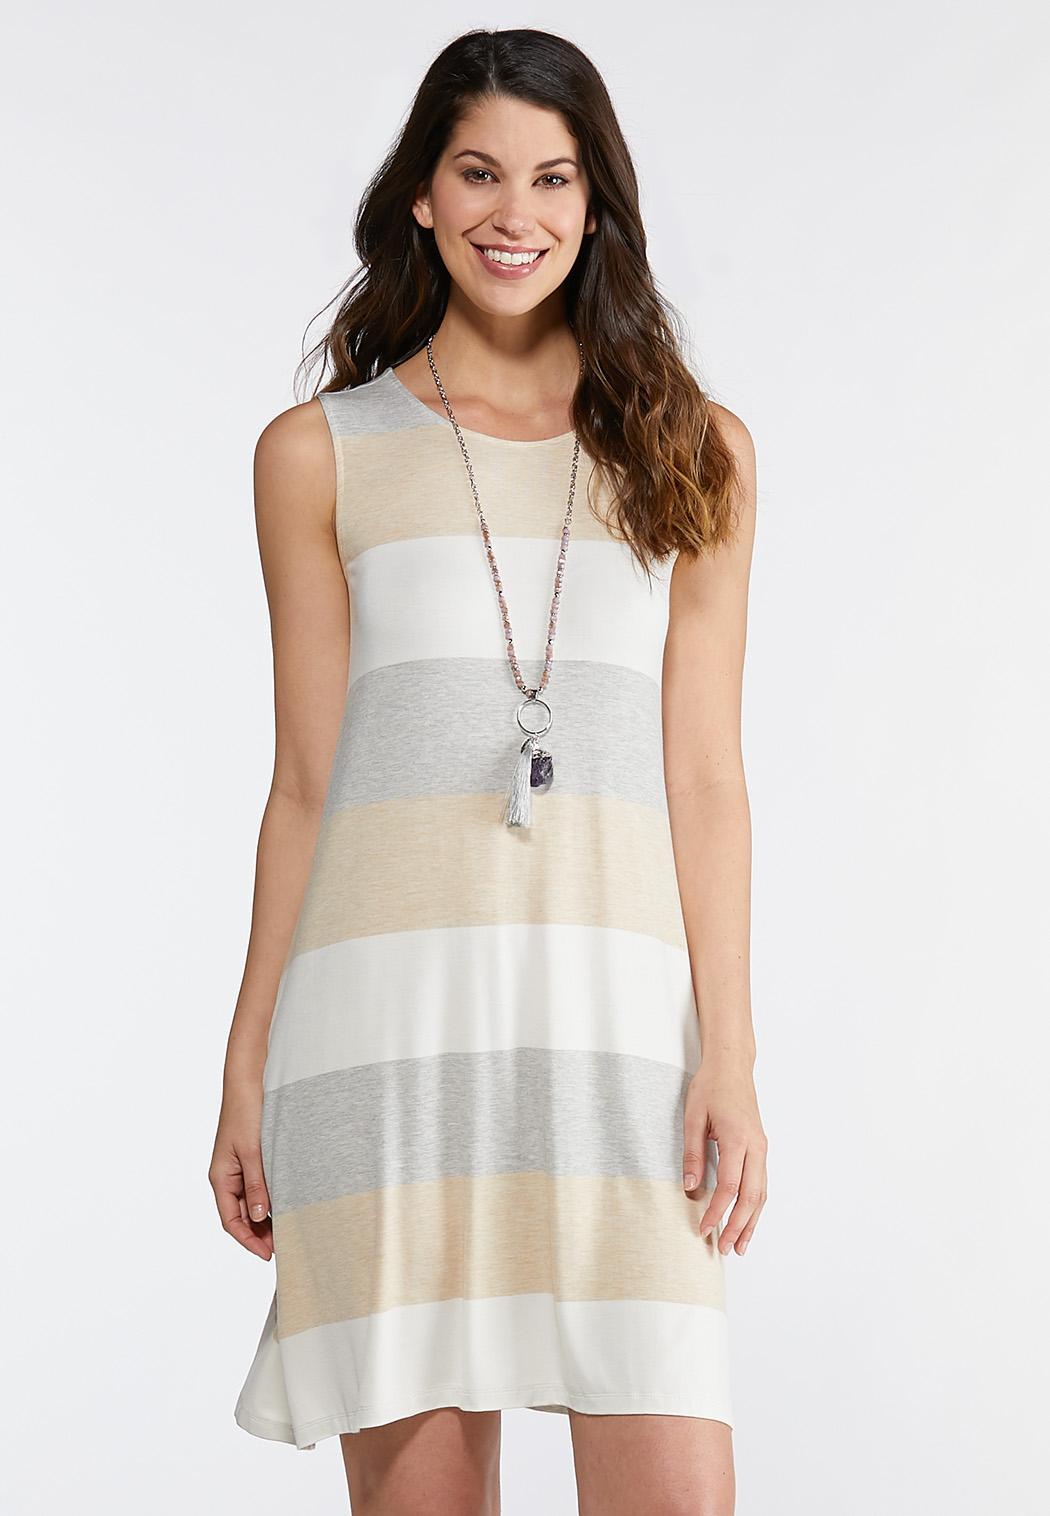 49831b49ba1 Plus Size Dresses For Women - Swing